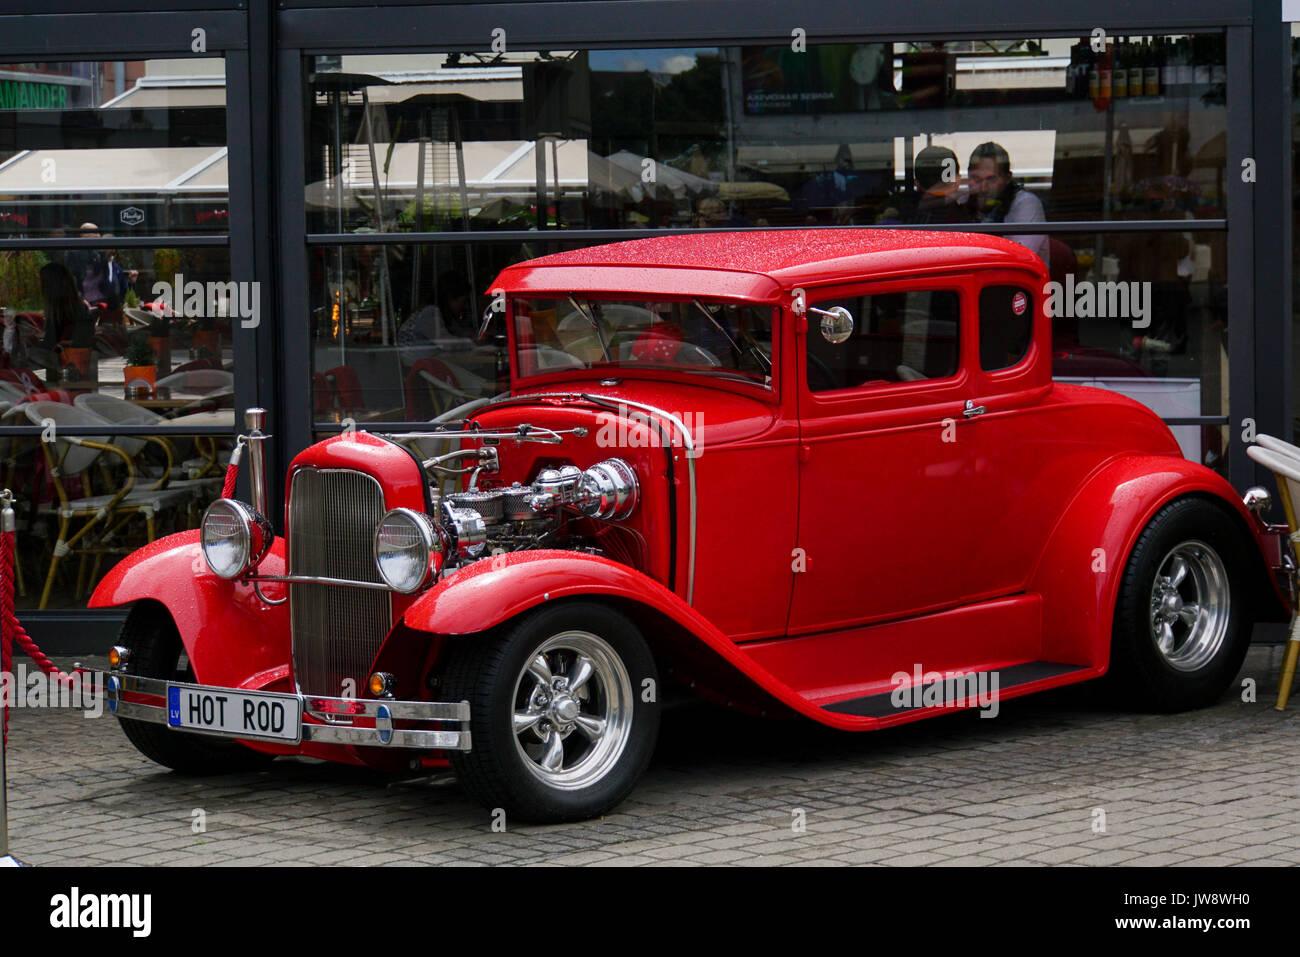 Nuevo Estilo Americano Clásico Hot Rod Ford Espejo